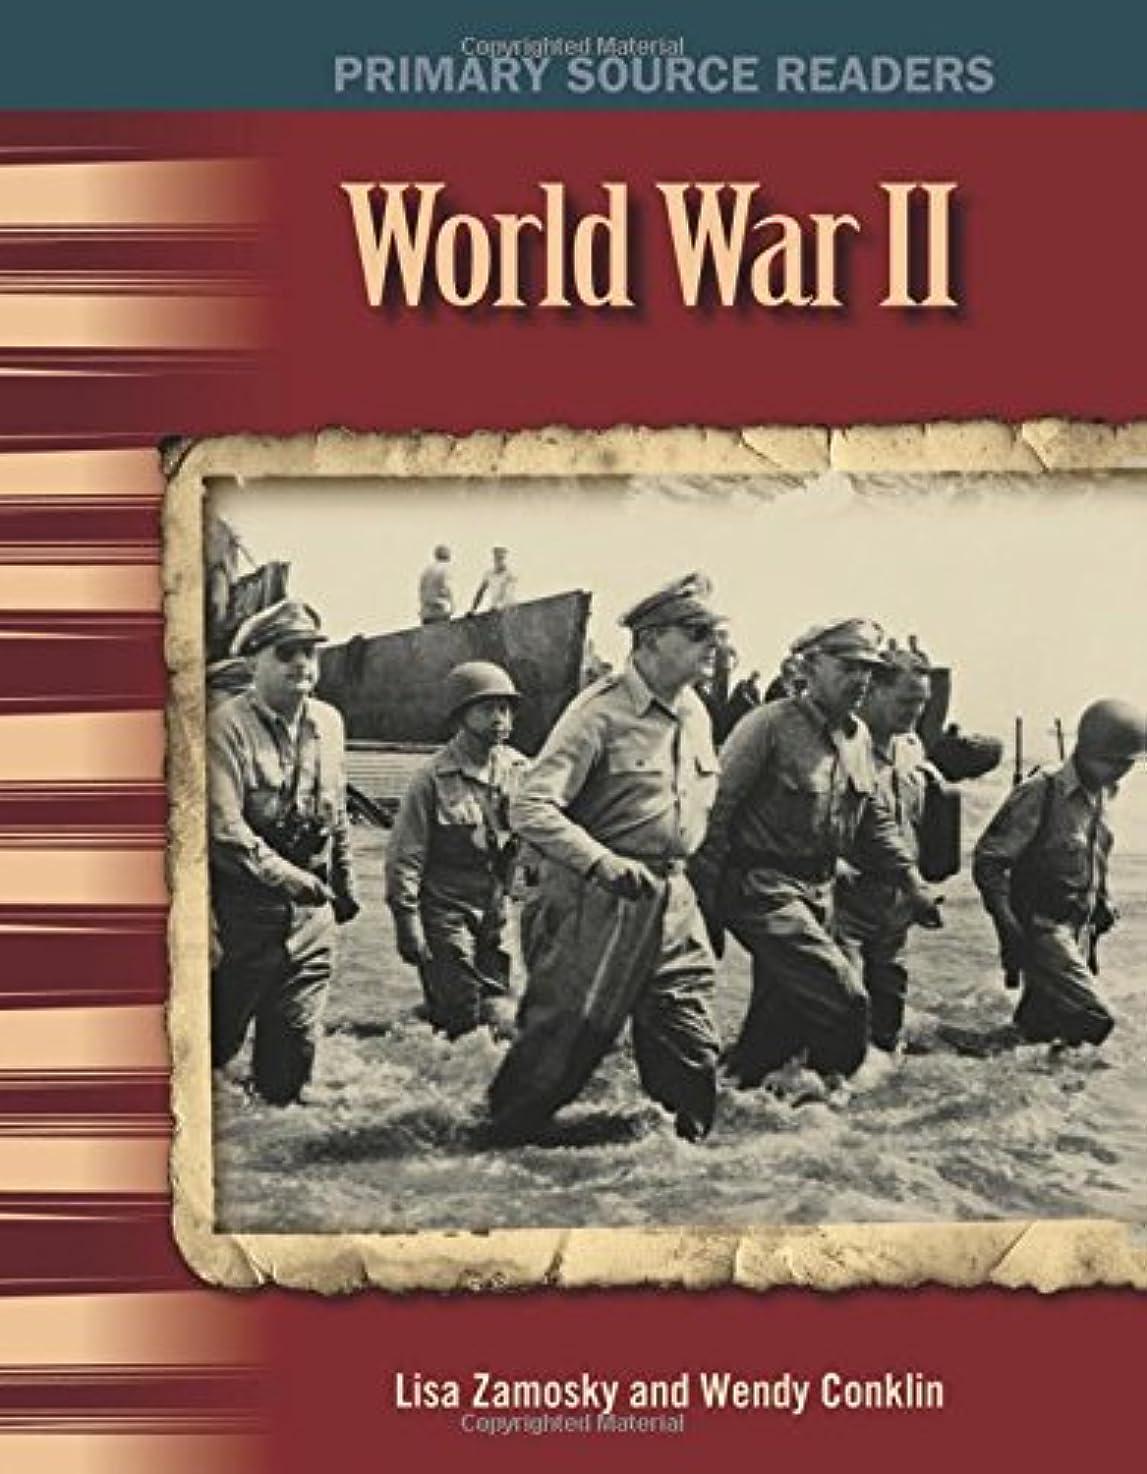 見つける実行リーダーシップWorld War II (20th Century)